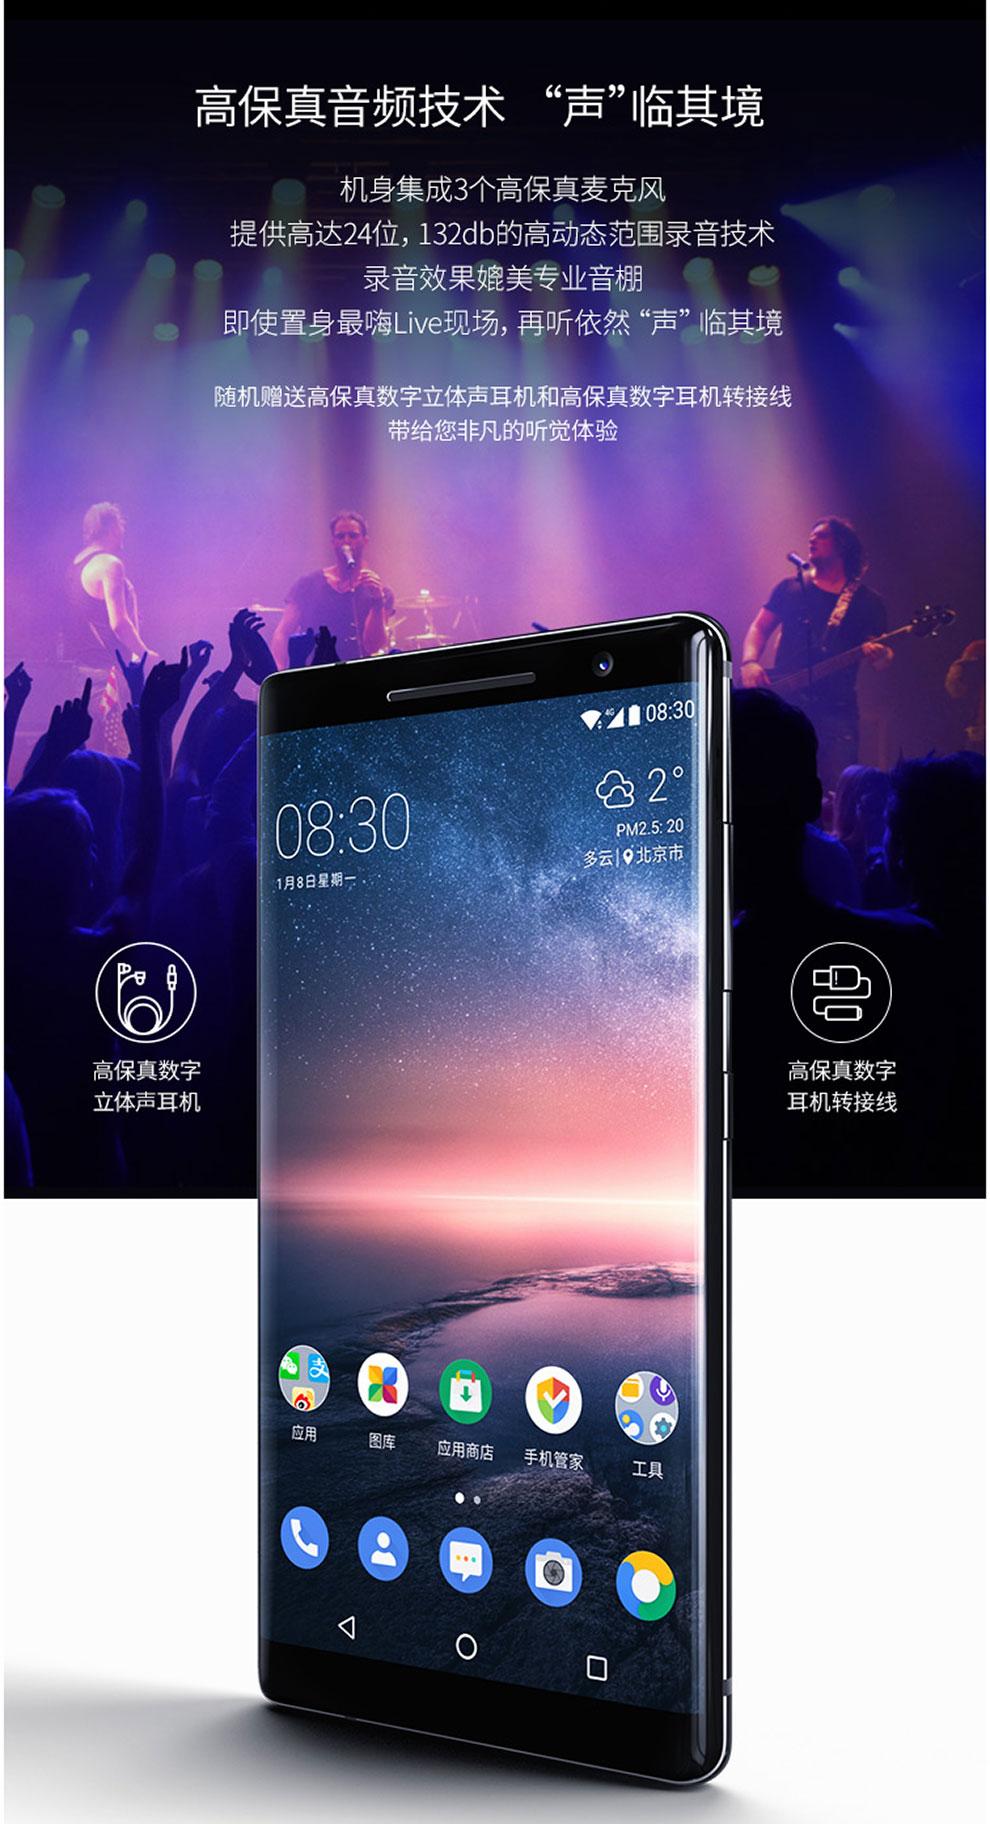 诺基亚(NOKIA) 8 Sirocco 曲面全面屏智能手机 诺基亚8S旗舰机 单卡全网通4G 黑色 6G+128G